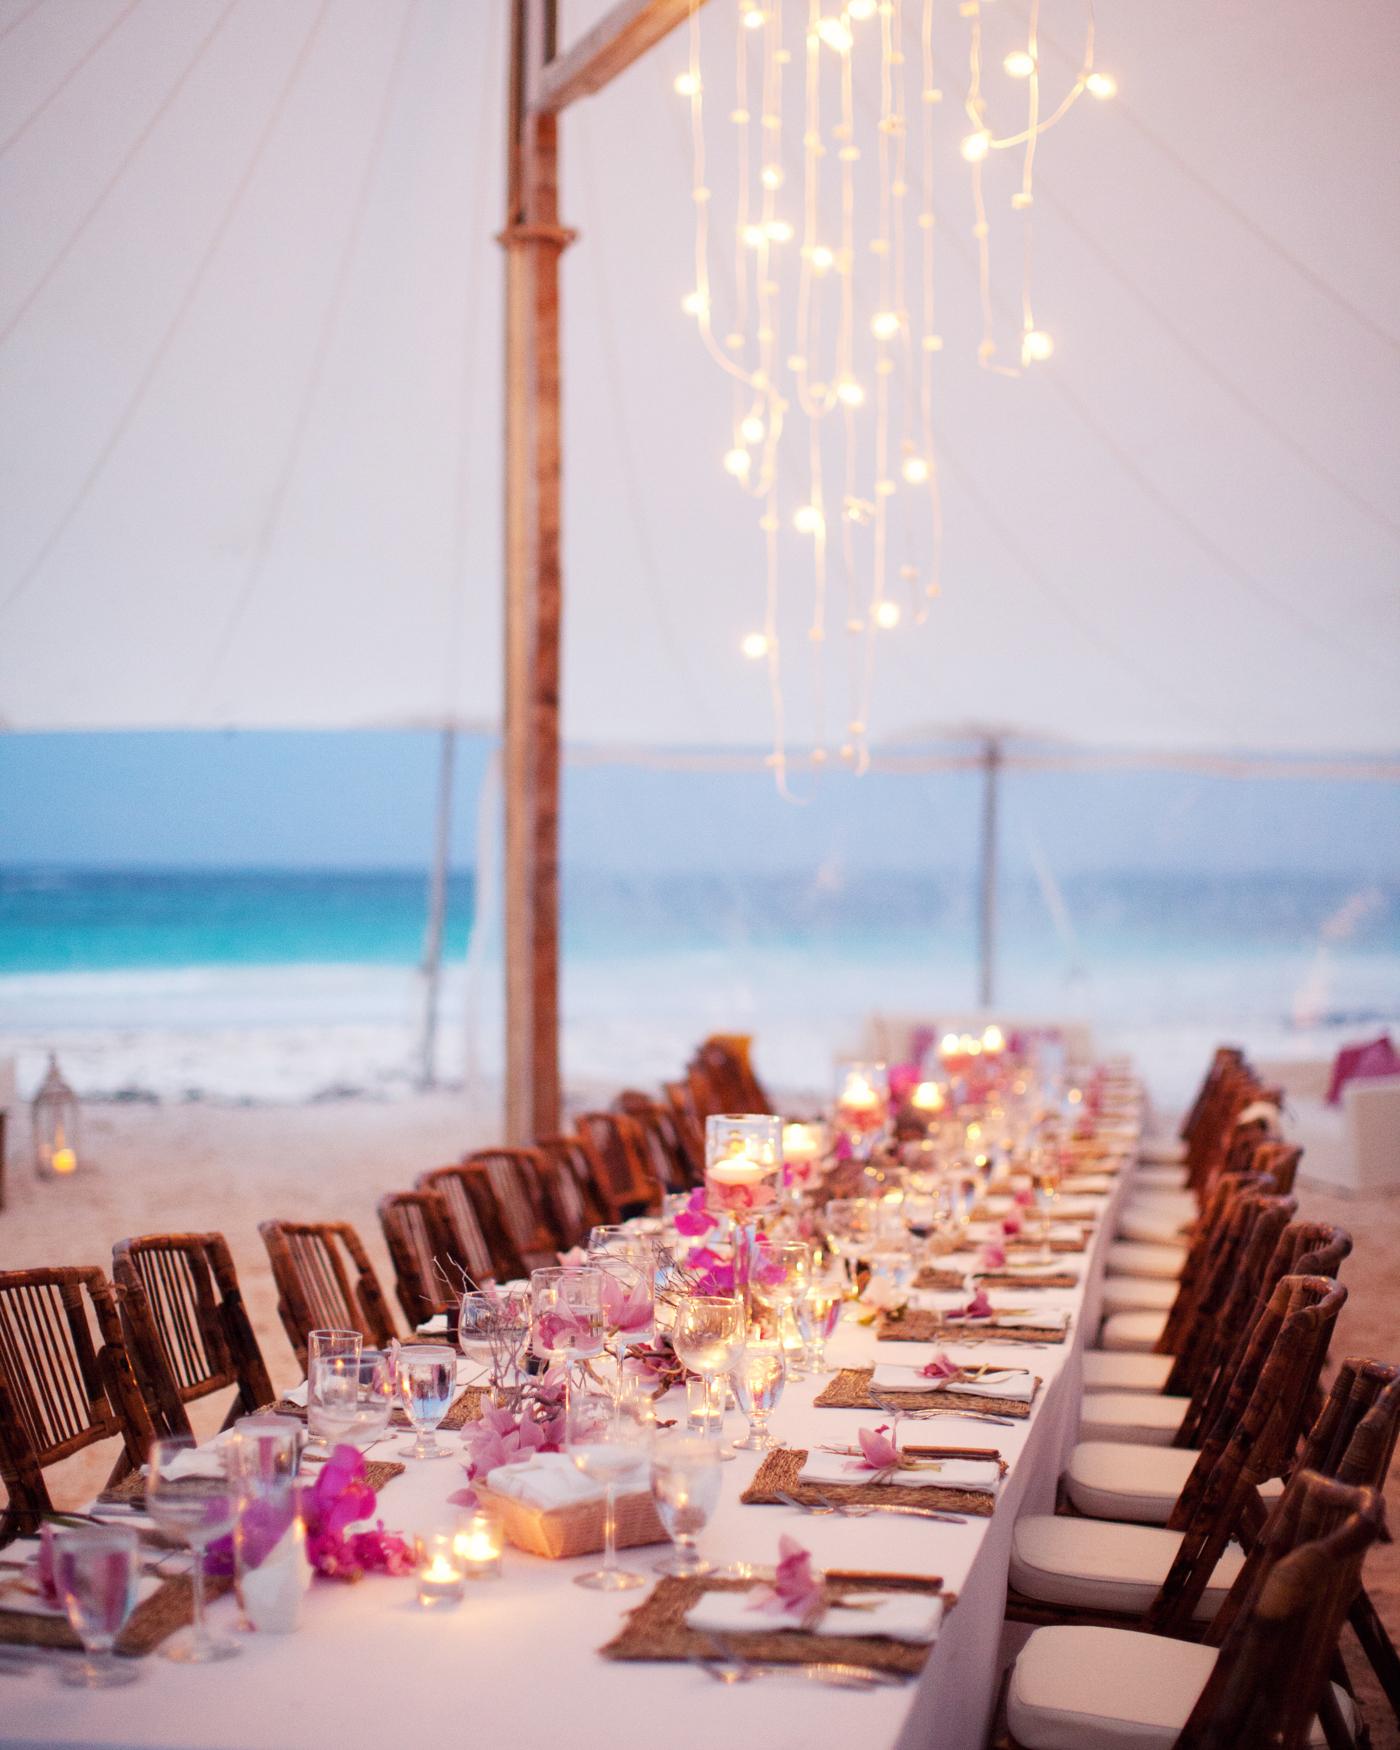 real-weddings-kevin-jamie-05292012wd-jk1884.jpg